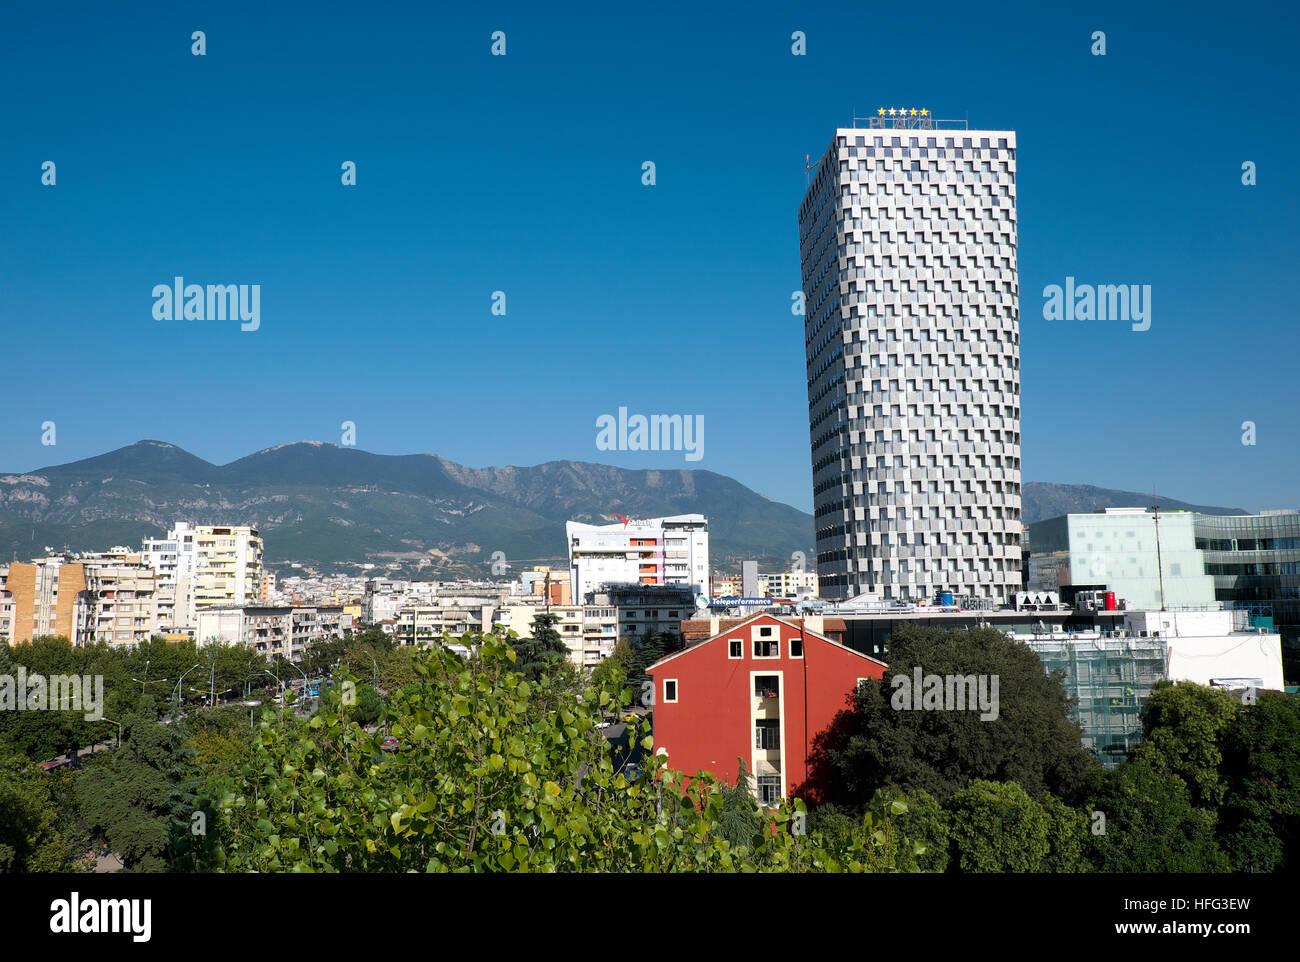 Cityscape with Plaza Tirana Hotel, Tirana, Albania - Stock Image